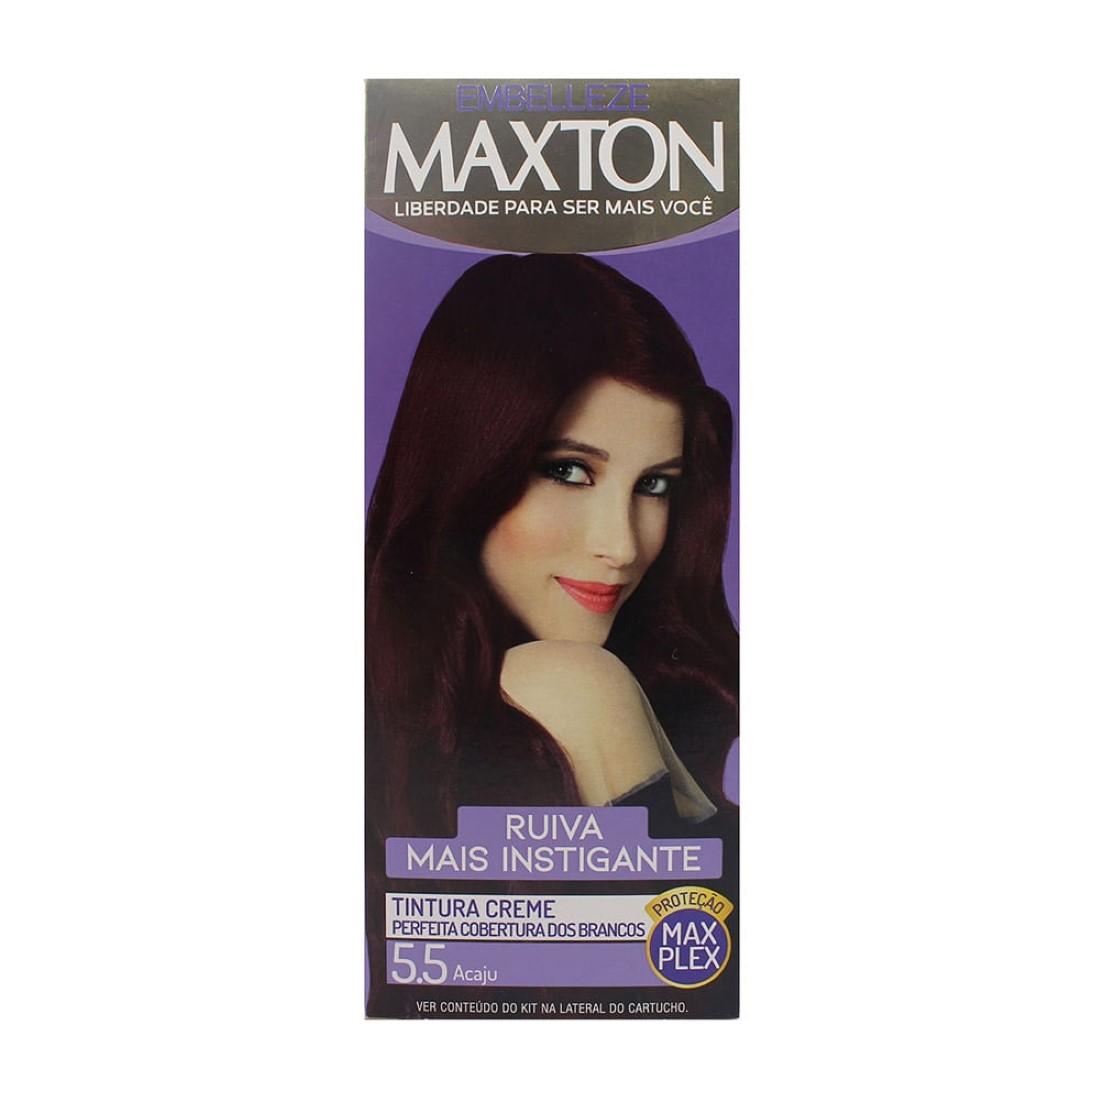 Kit Prático Tintura Creme Maxton 5.5 Acaju - Embelleze